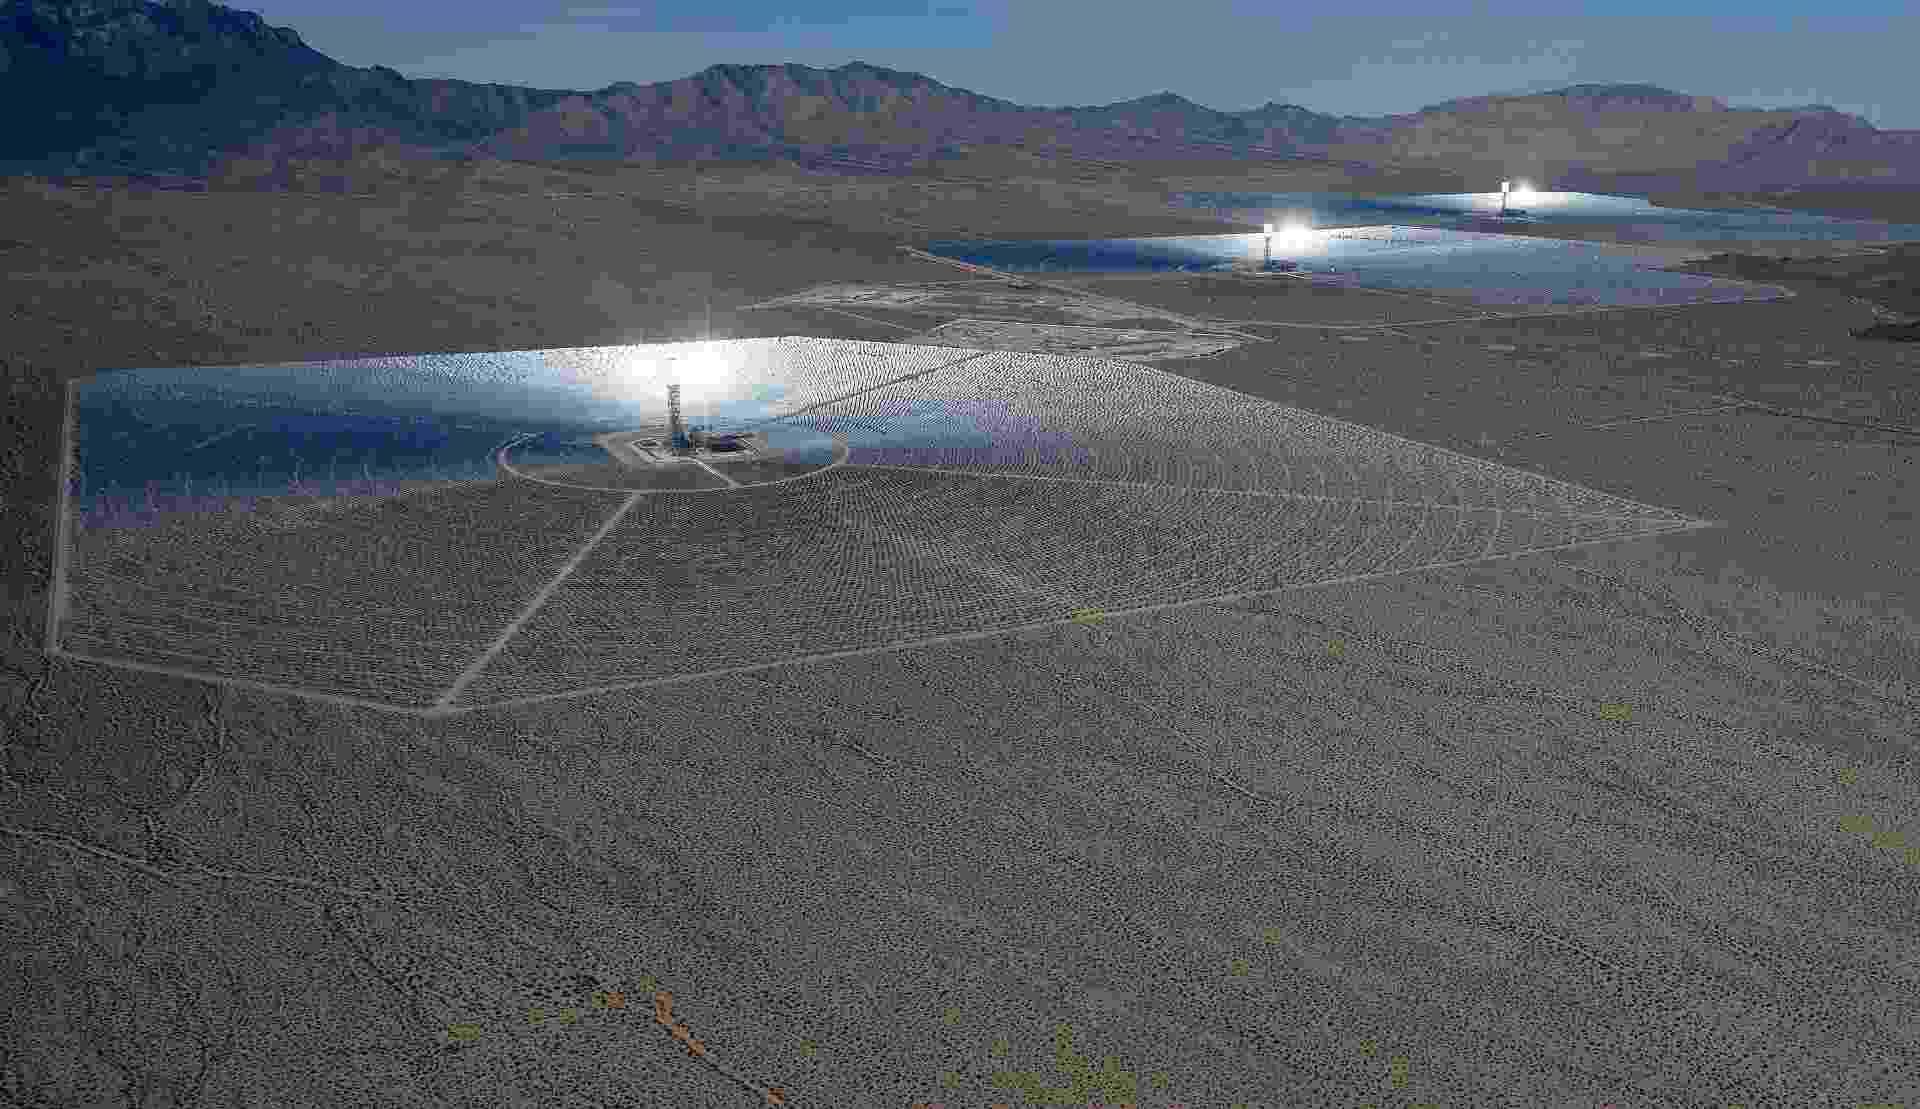 A usina solar acima foi inaugurada em meados de fevereiro no deserto de Mojave (Califórnia, EUA). Construída em parceria entre o Google, a NRG Energy e a BrightSource Energy, a estrutura custou US$ 2,2 bilhões (cerca de R$ 5,22 bilhões) e tem capacidade de fornecer anualmente energia para 140 mil casas (total de 392 megawatts) - Ethan Miller/Getty Images/AFP